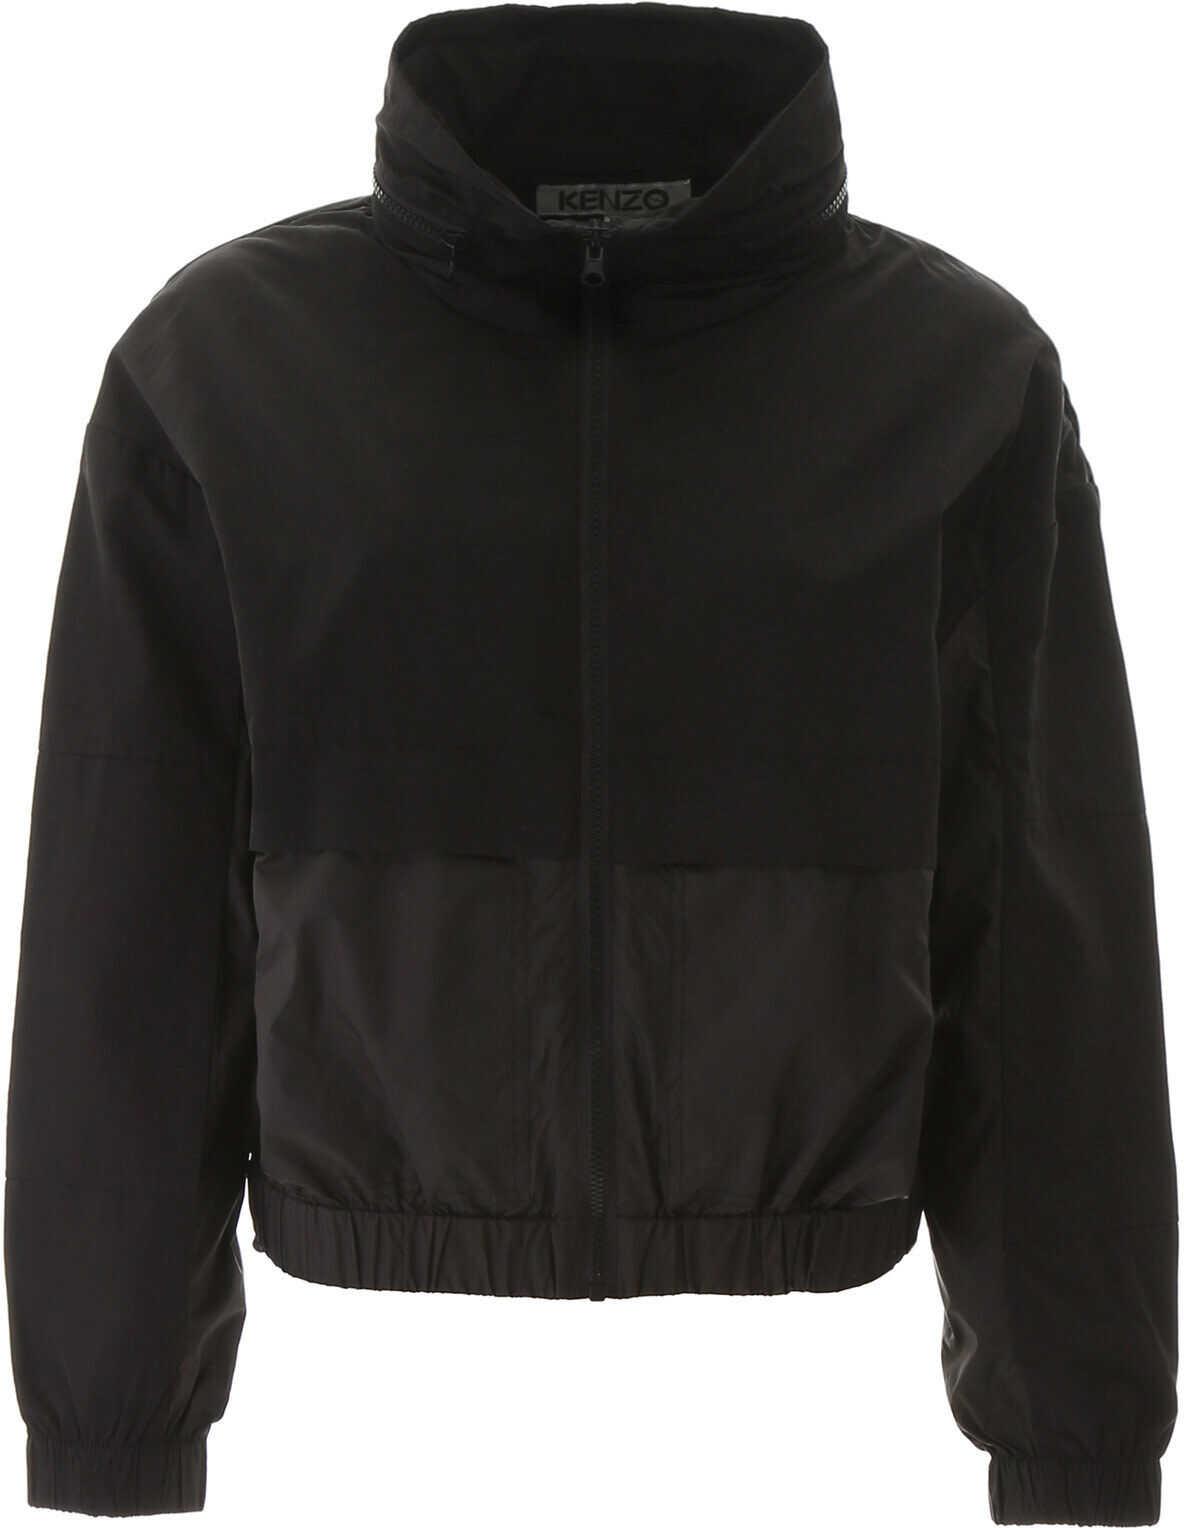 Kenzo Dual Fabric Windbreaker Jacket NOIR